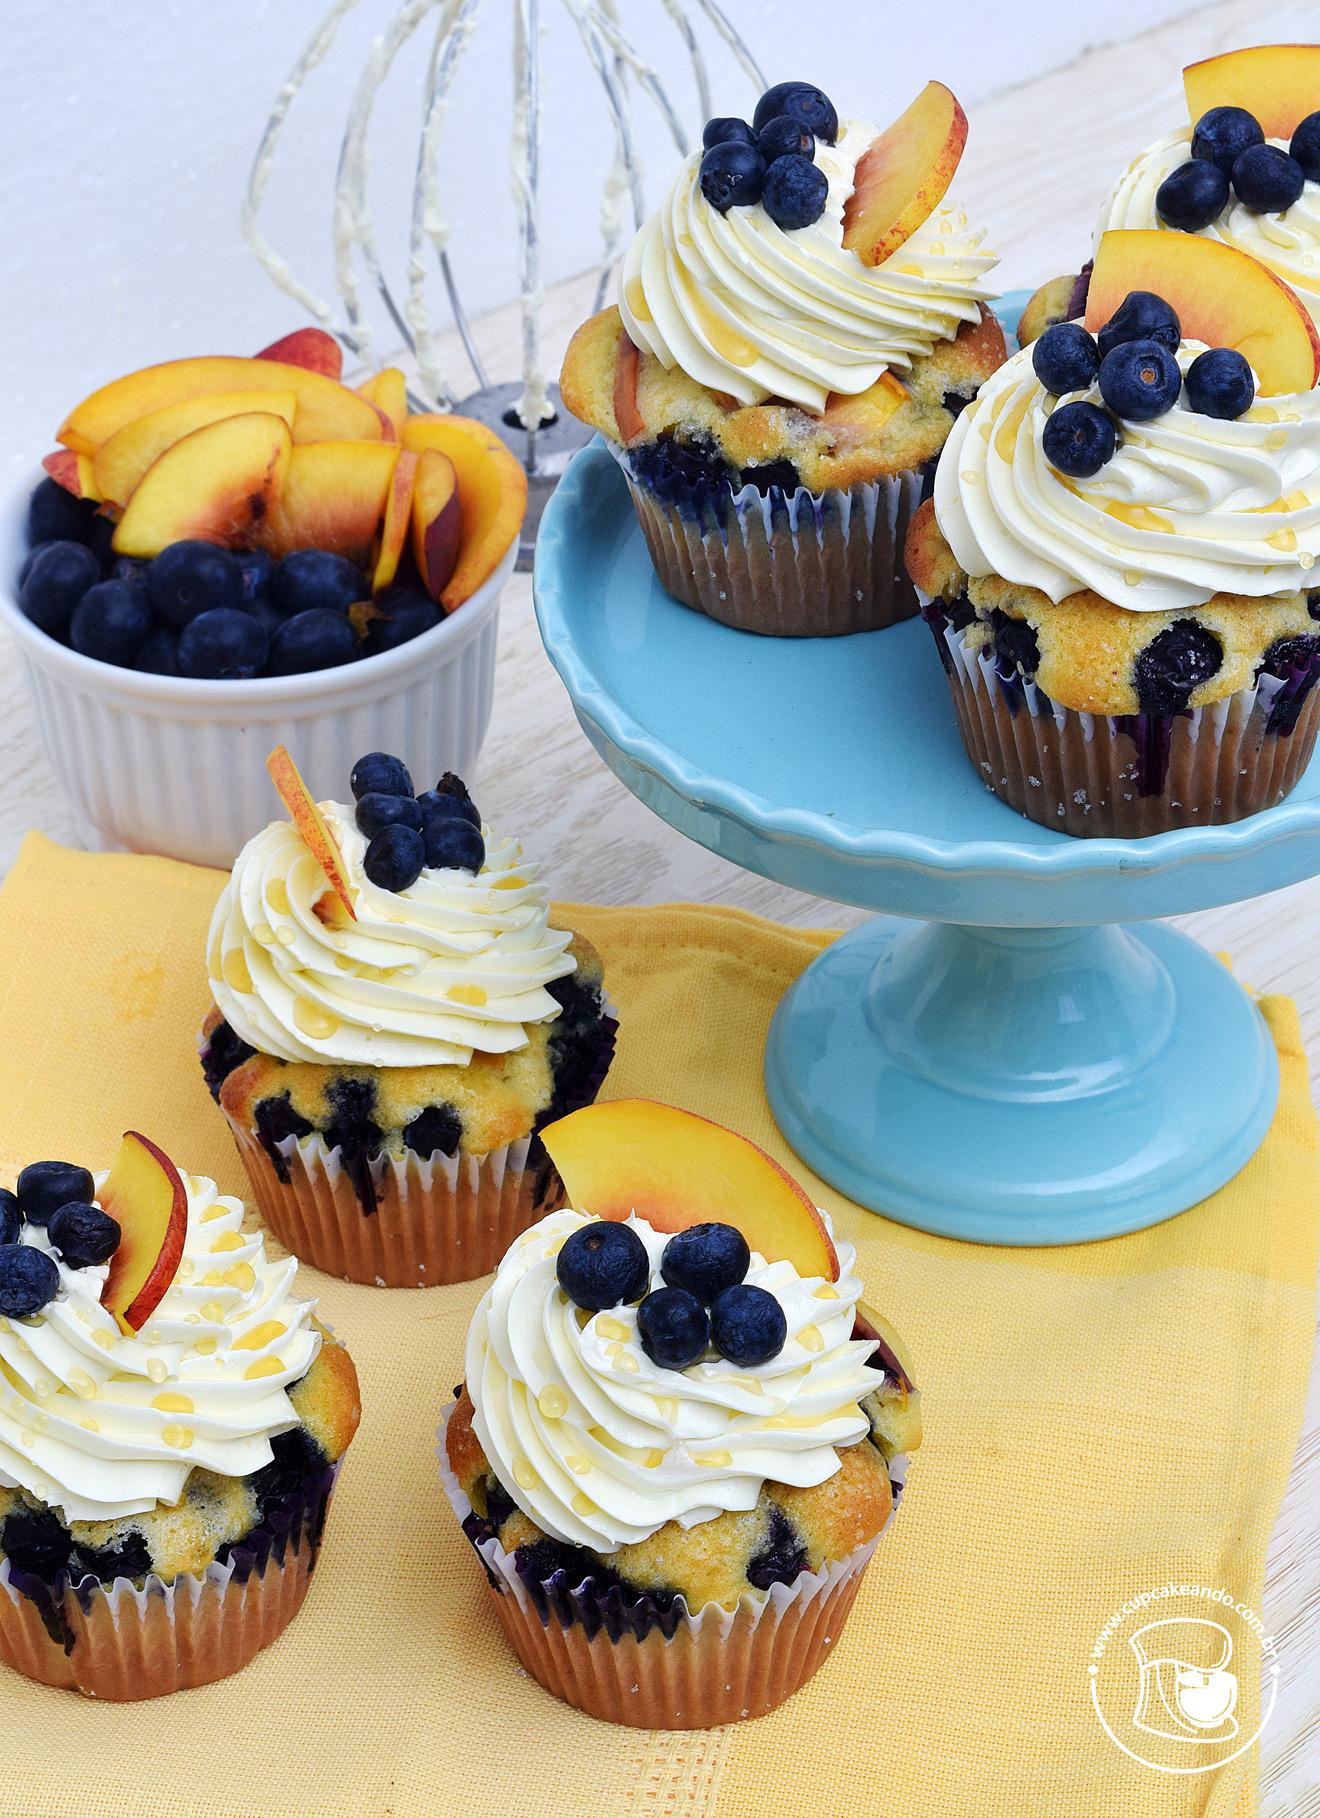 Cupcakes de pêssegos e mirtilos frescos